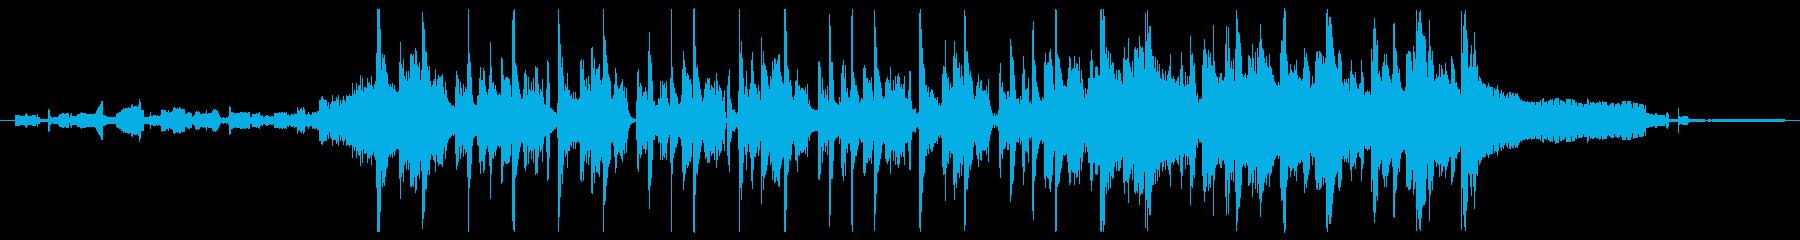 これは、ヒップホップとエレクトロの...の再生済みの波形